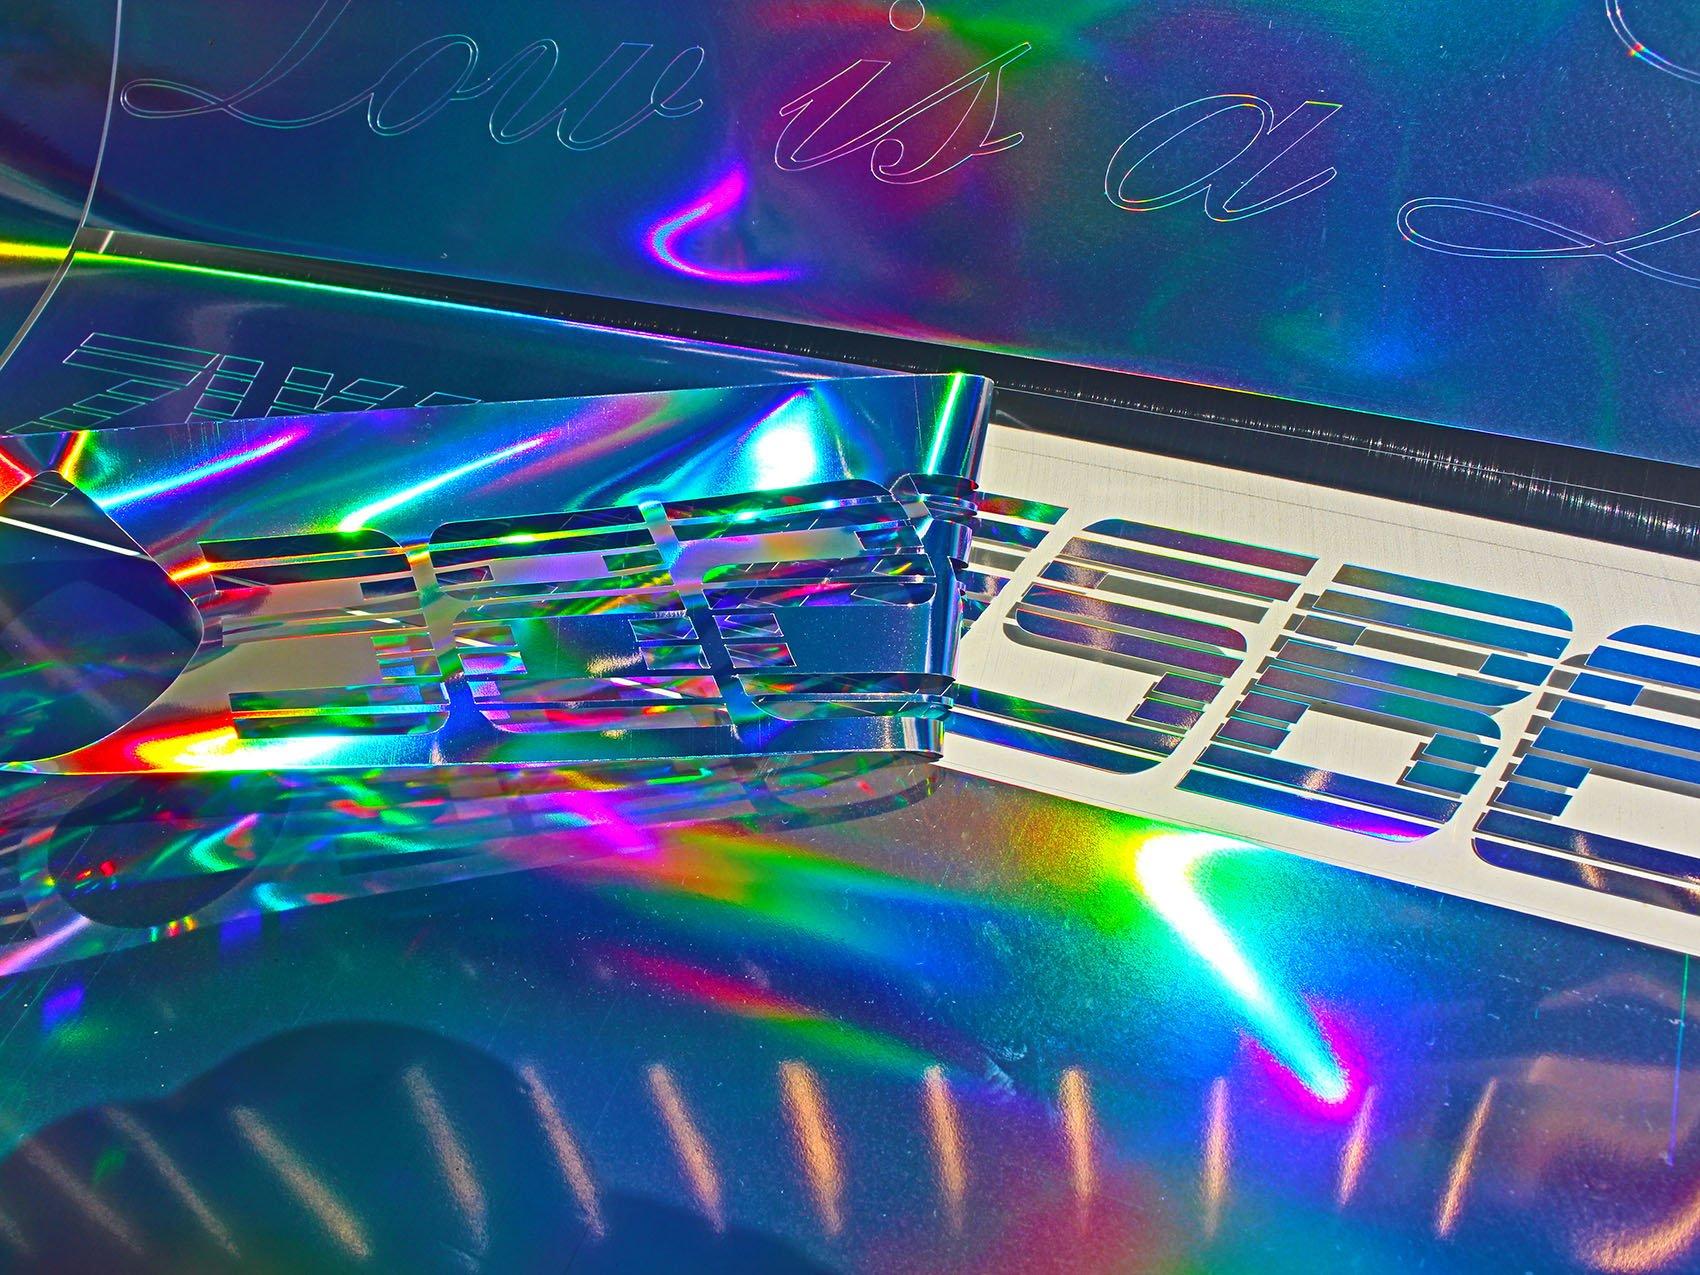 Finest Plóter de Folia Clear Back Pantalla oilslick (13,13 €/m²) Holograma Plata Glitter Efecto Pantalla Pantalla para Plotter: Amazon.es: Juguetes y juegos